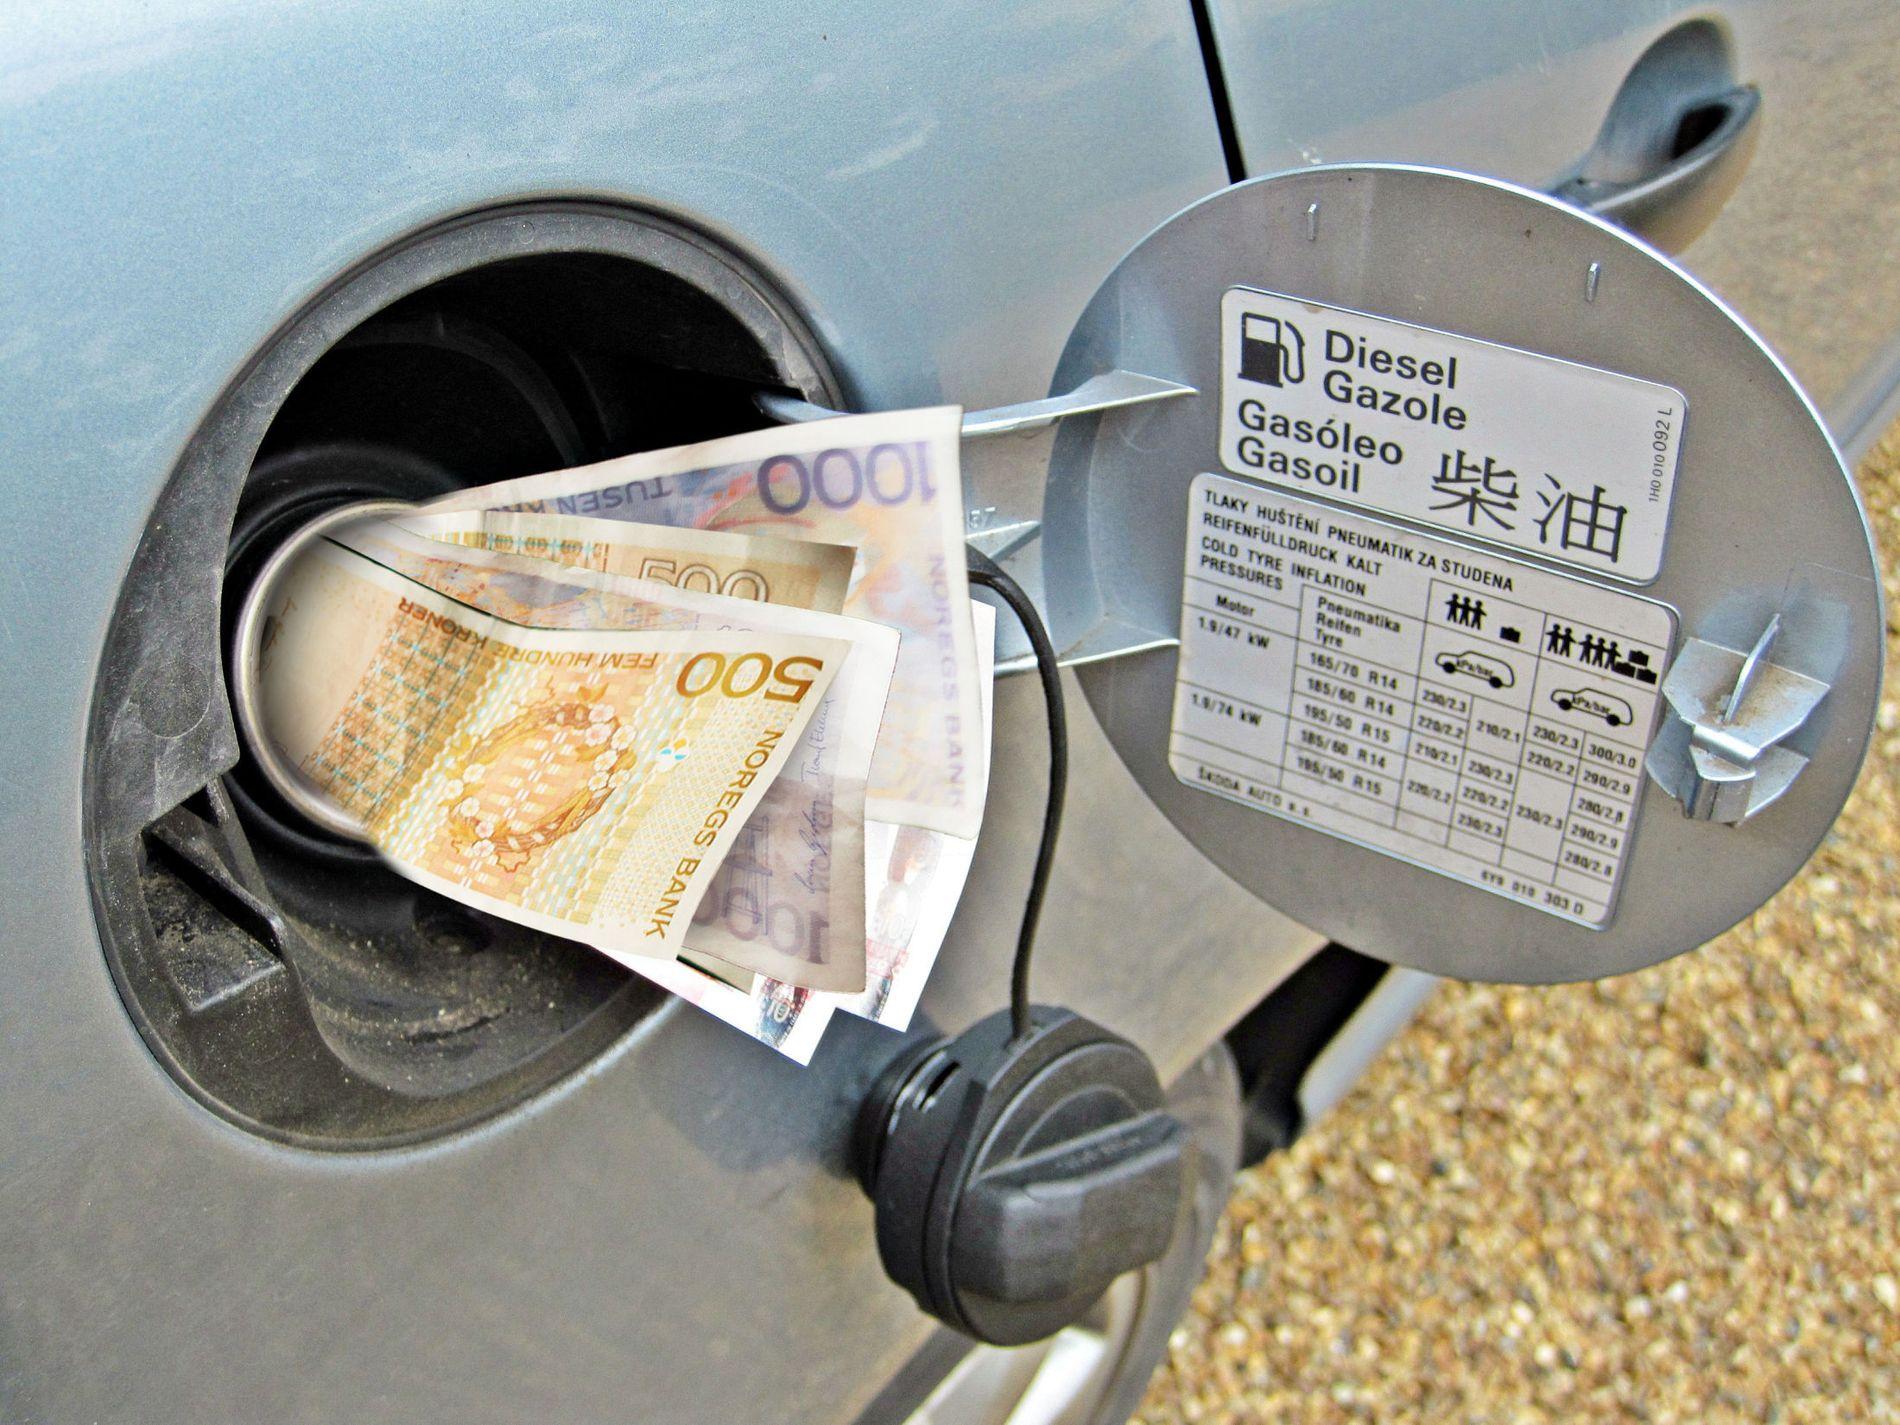 Pengesluk: Drivstoff på tanken koster. Sørg for å få med deg de beste rabattene.